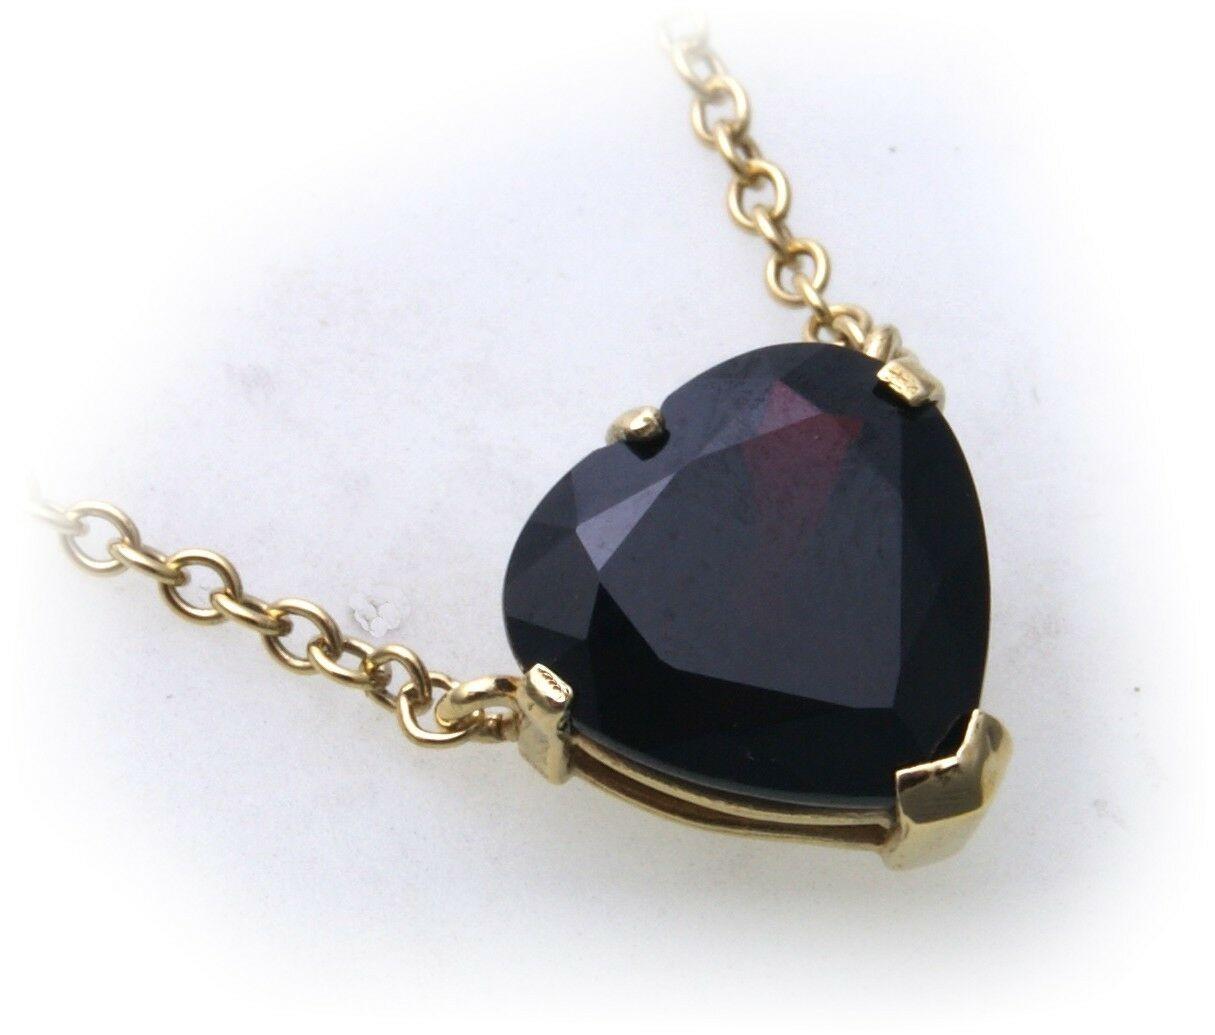 Collier Granat echt Gold 585 Herz Halsschmuck Gelbgold Halskette Damen 4149/5GR